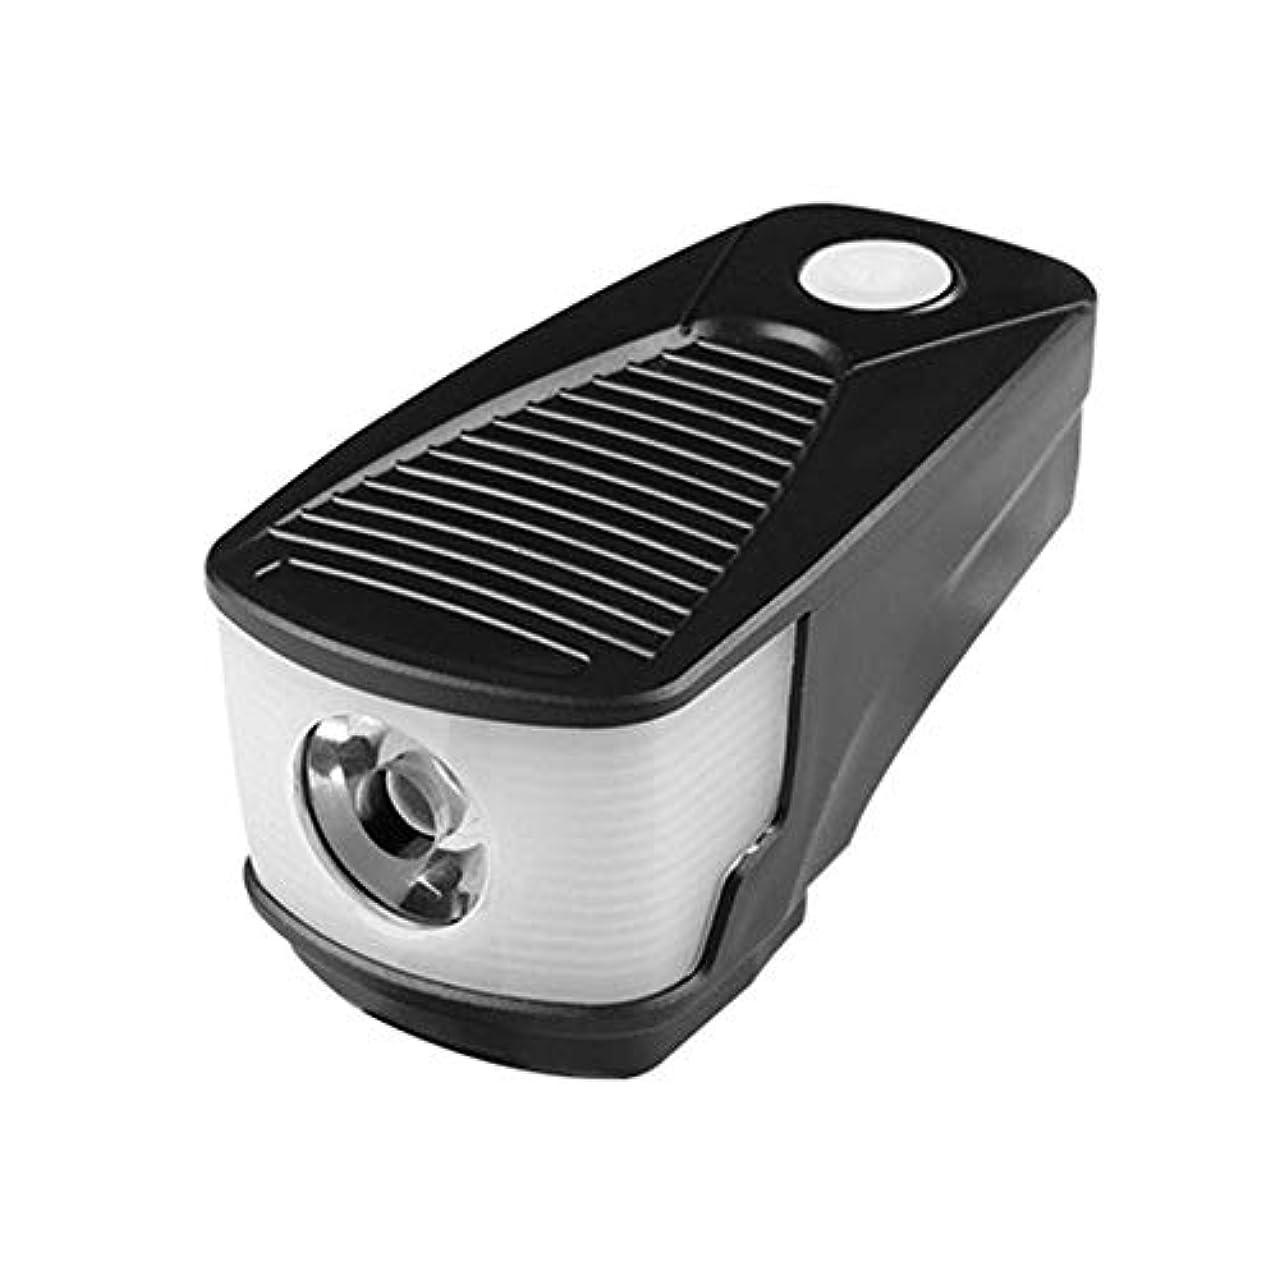 精緻化反響する失速ヘッドライト 自転車フロントライト 4モード 300LM USB充電式 懐中電灯 サイクリング 防水トーチ バイクヘッドライト MKchung